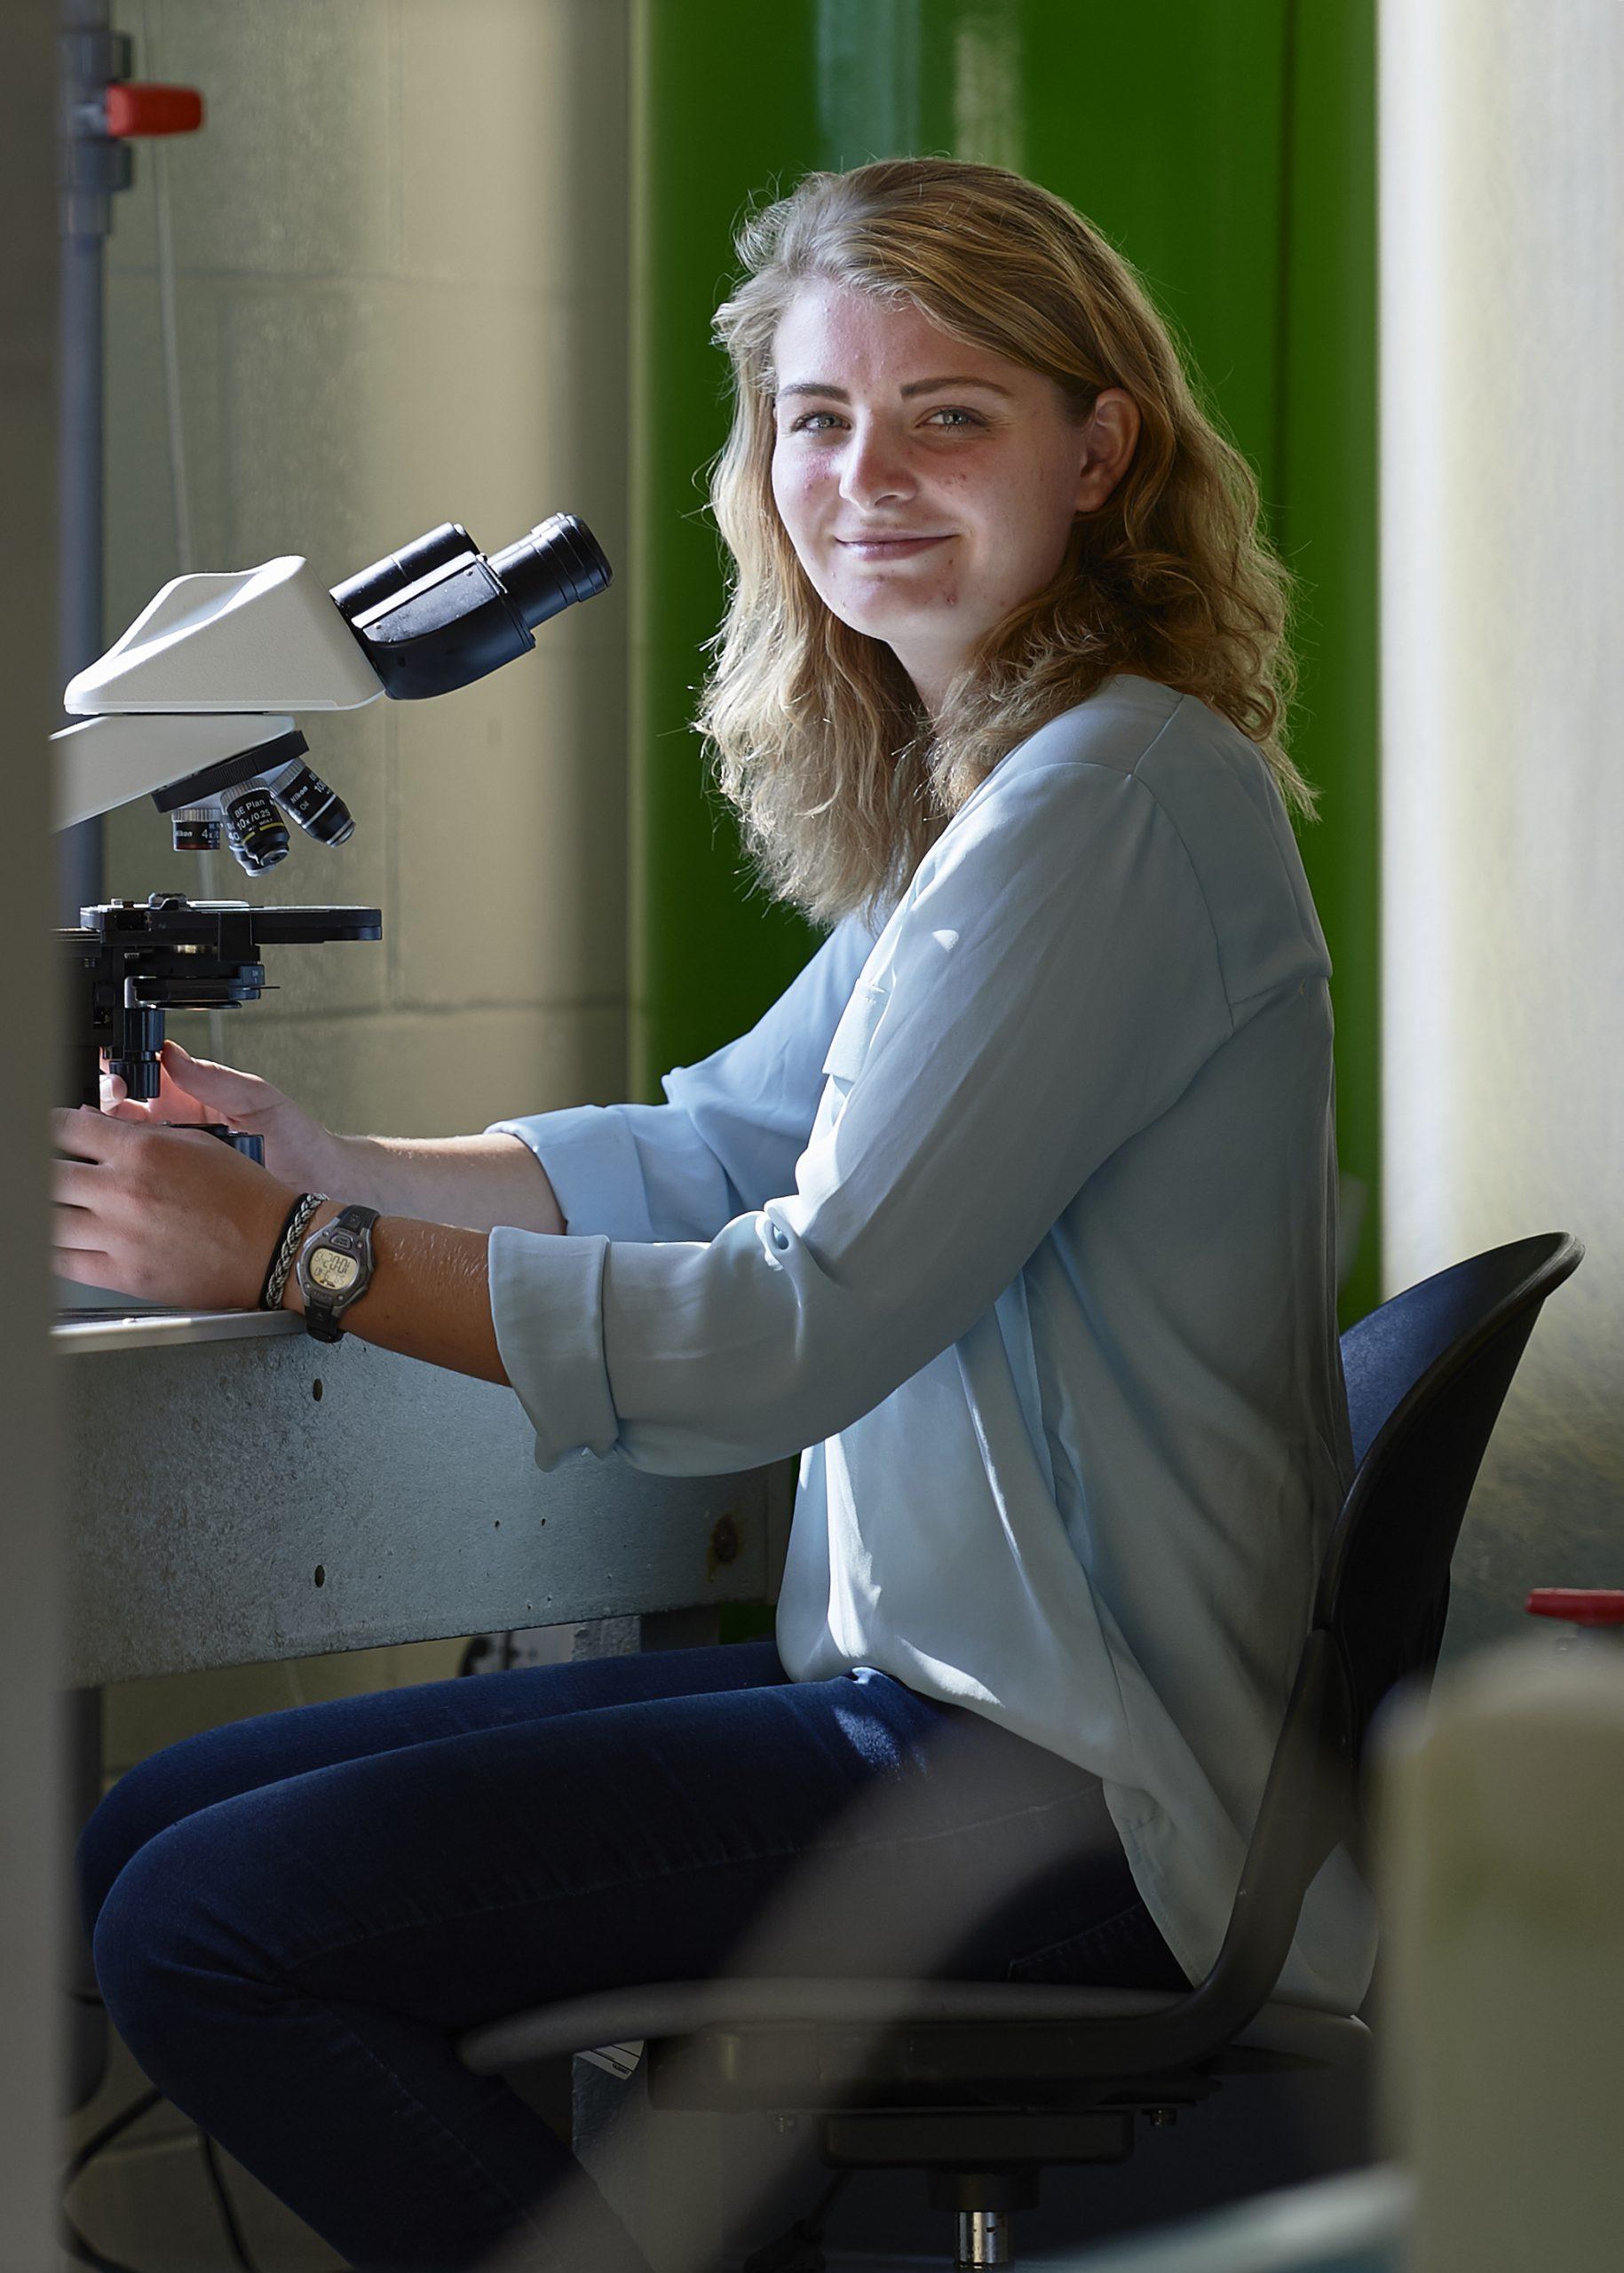 Sarah McTague : Master's Student